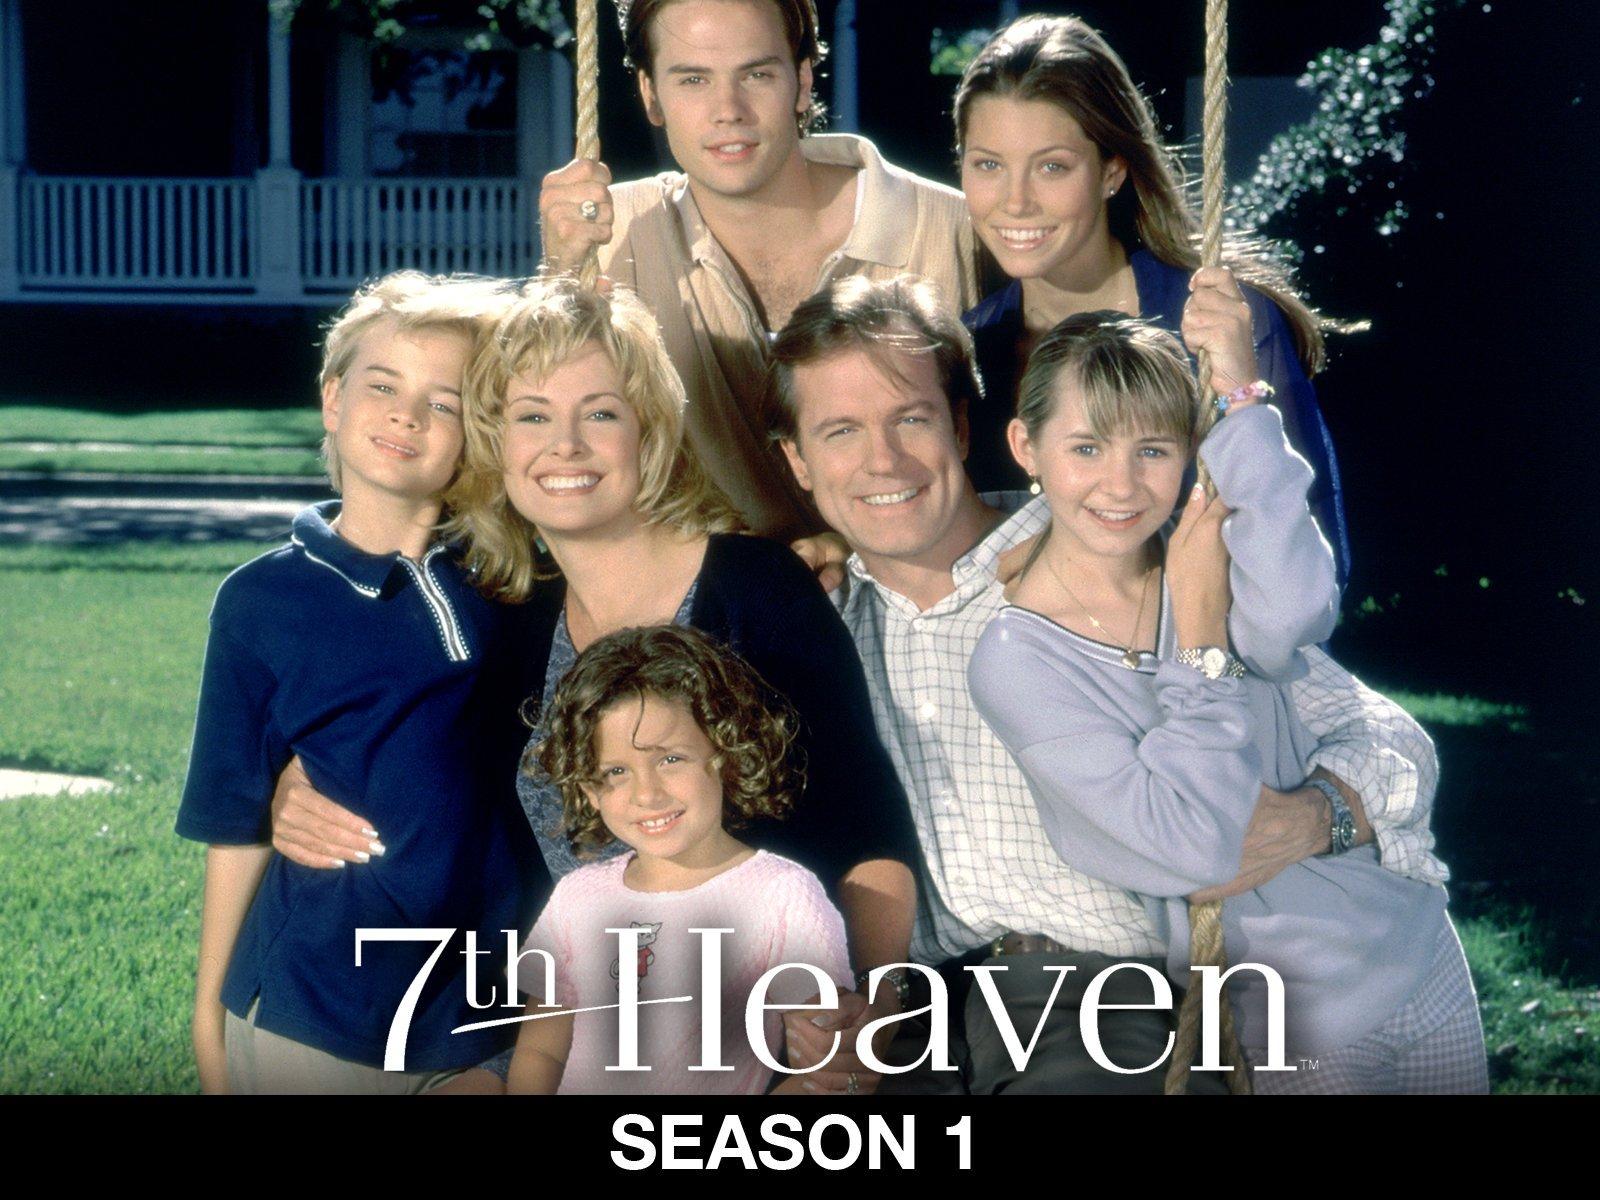 Watch 7th Heaven Season 11 Prime Video